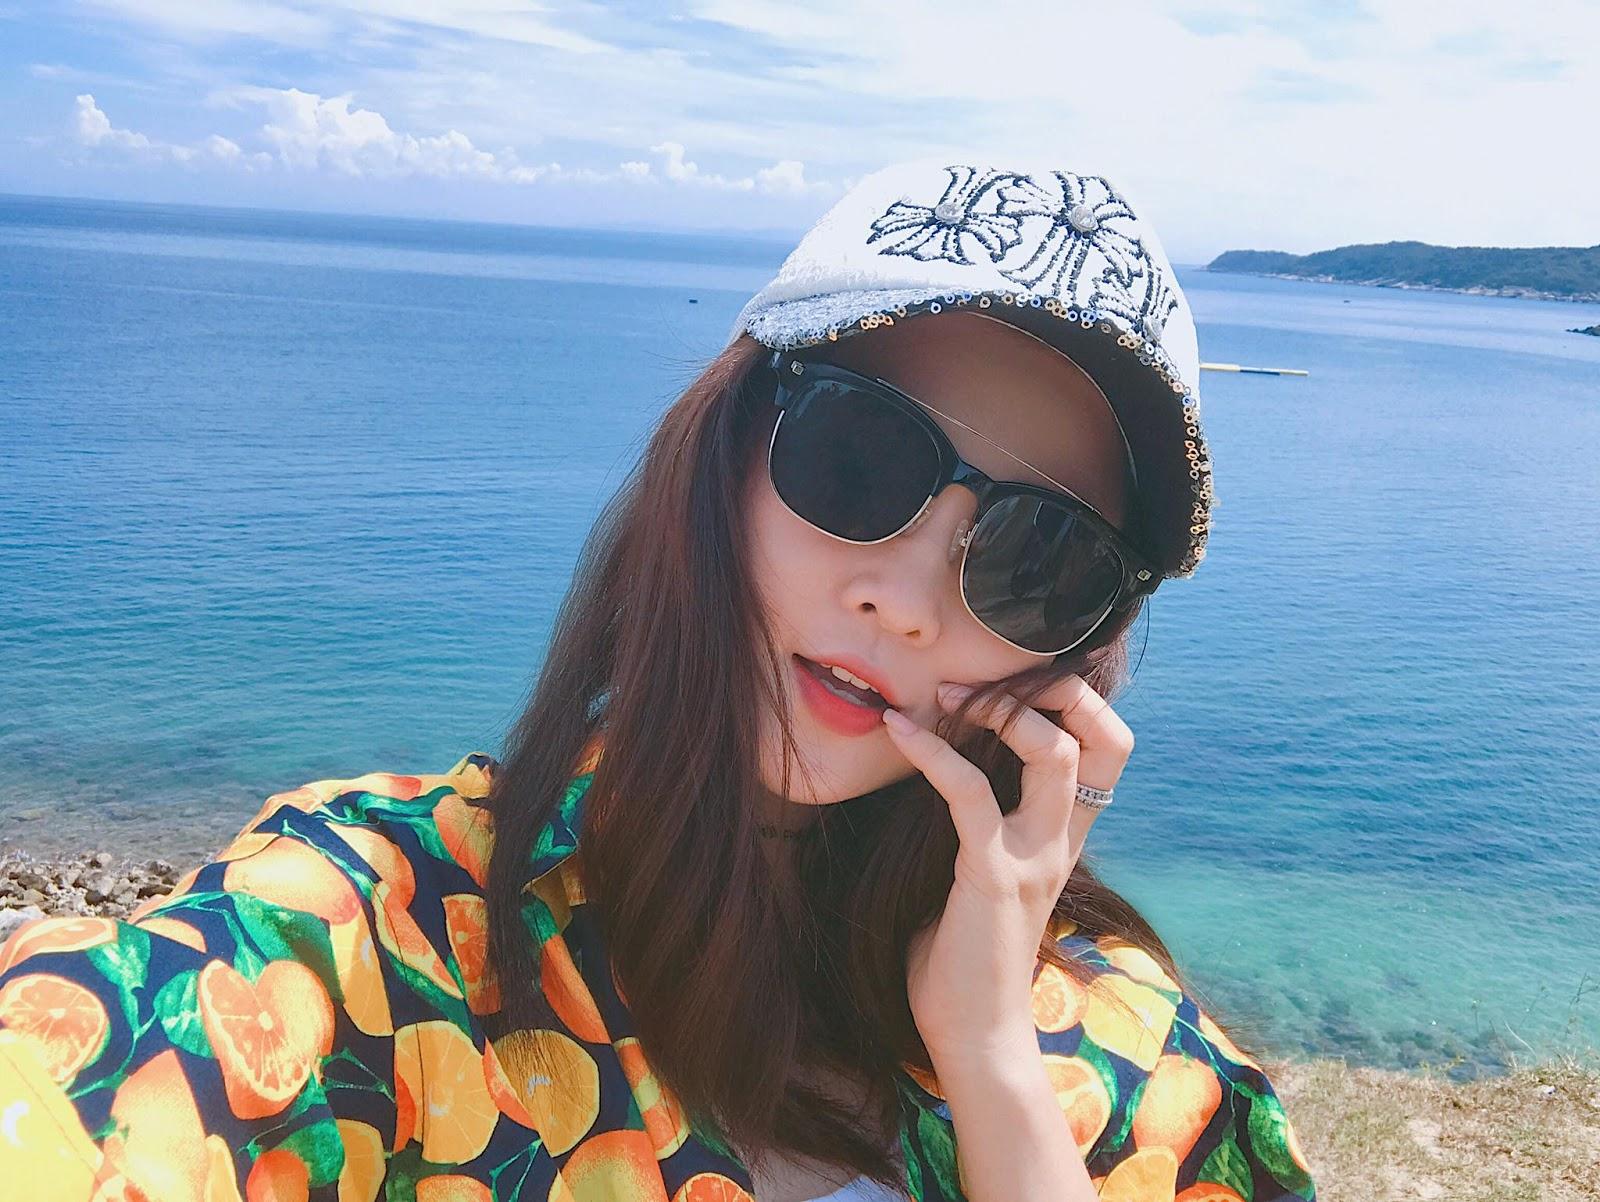 Tổng Hợp TOP Hình Ảnh Đẹp Nhất Của HOT Girl Ribi Sachi FAPTV